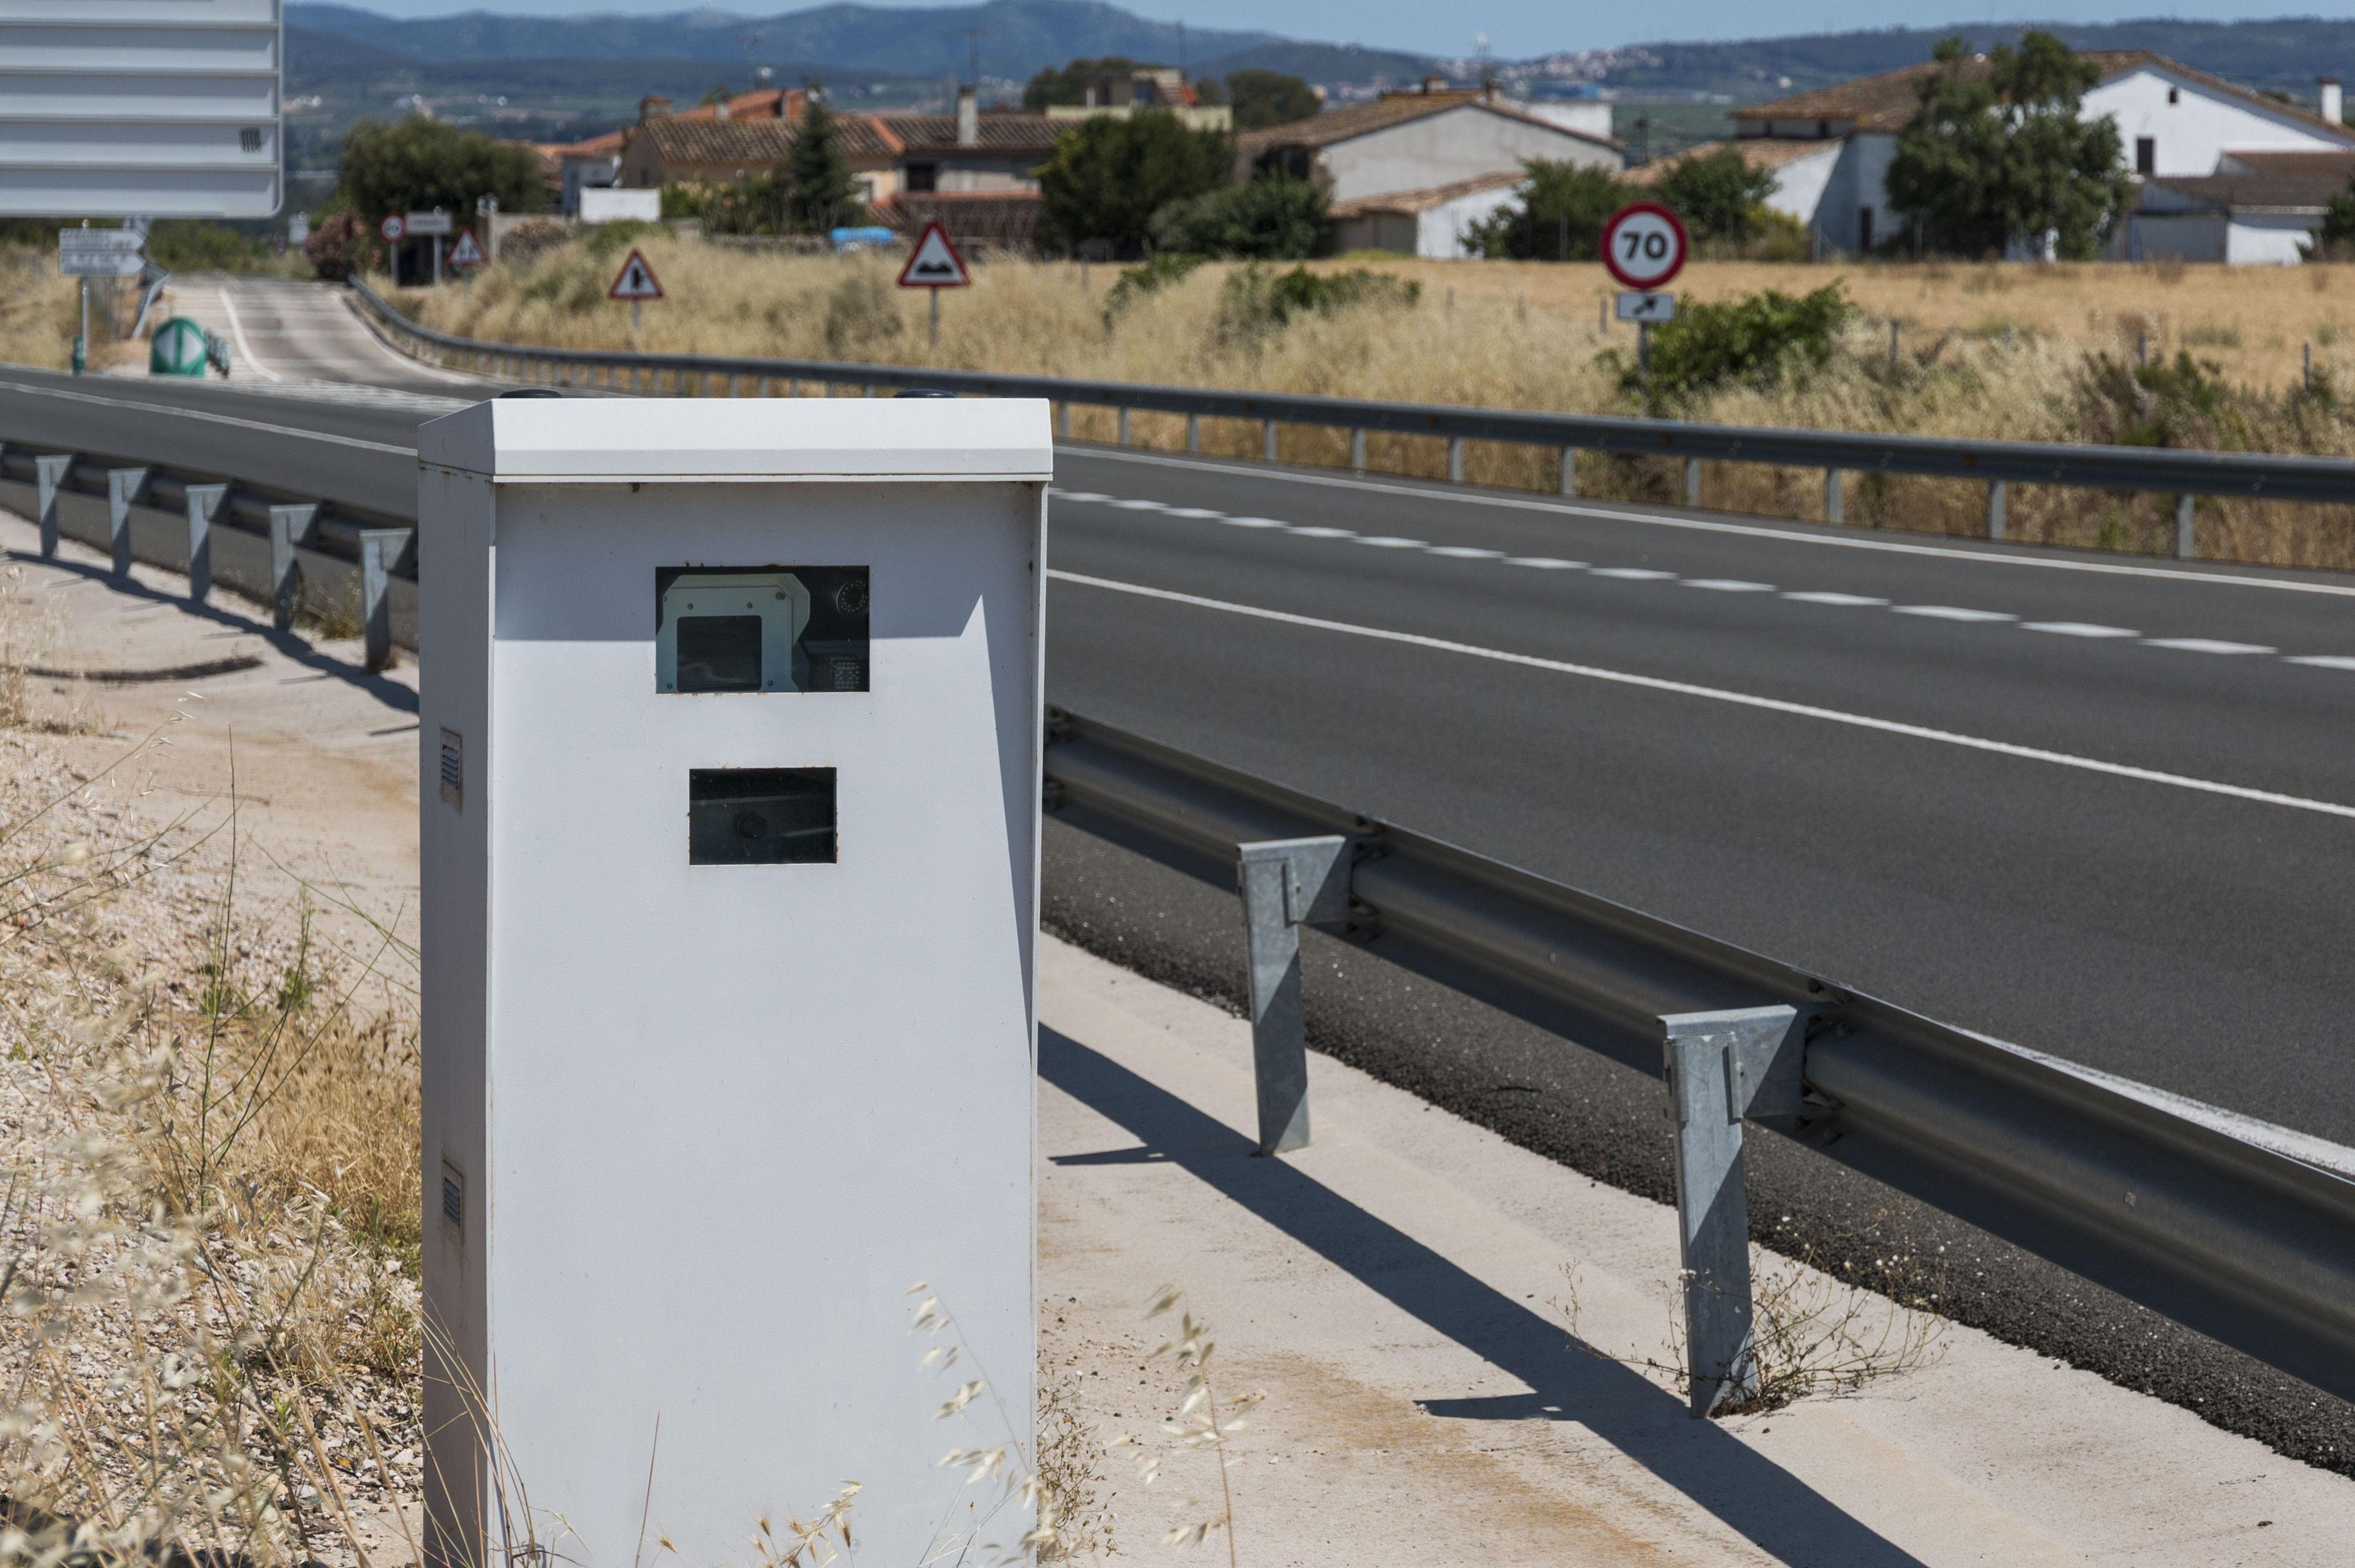 Los radares de Tráfico detectarán a los coches sin seguro